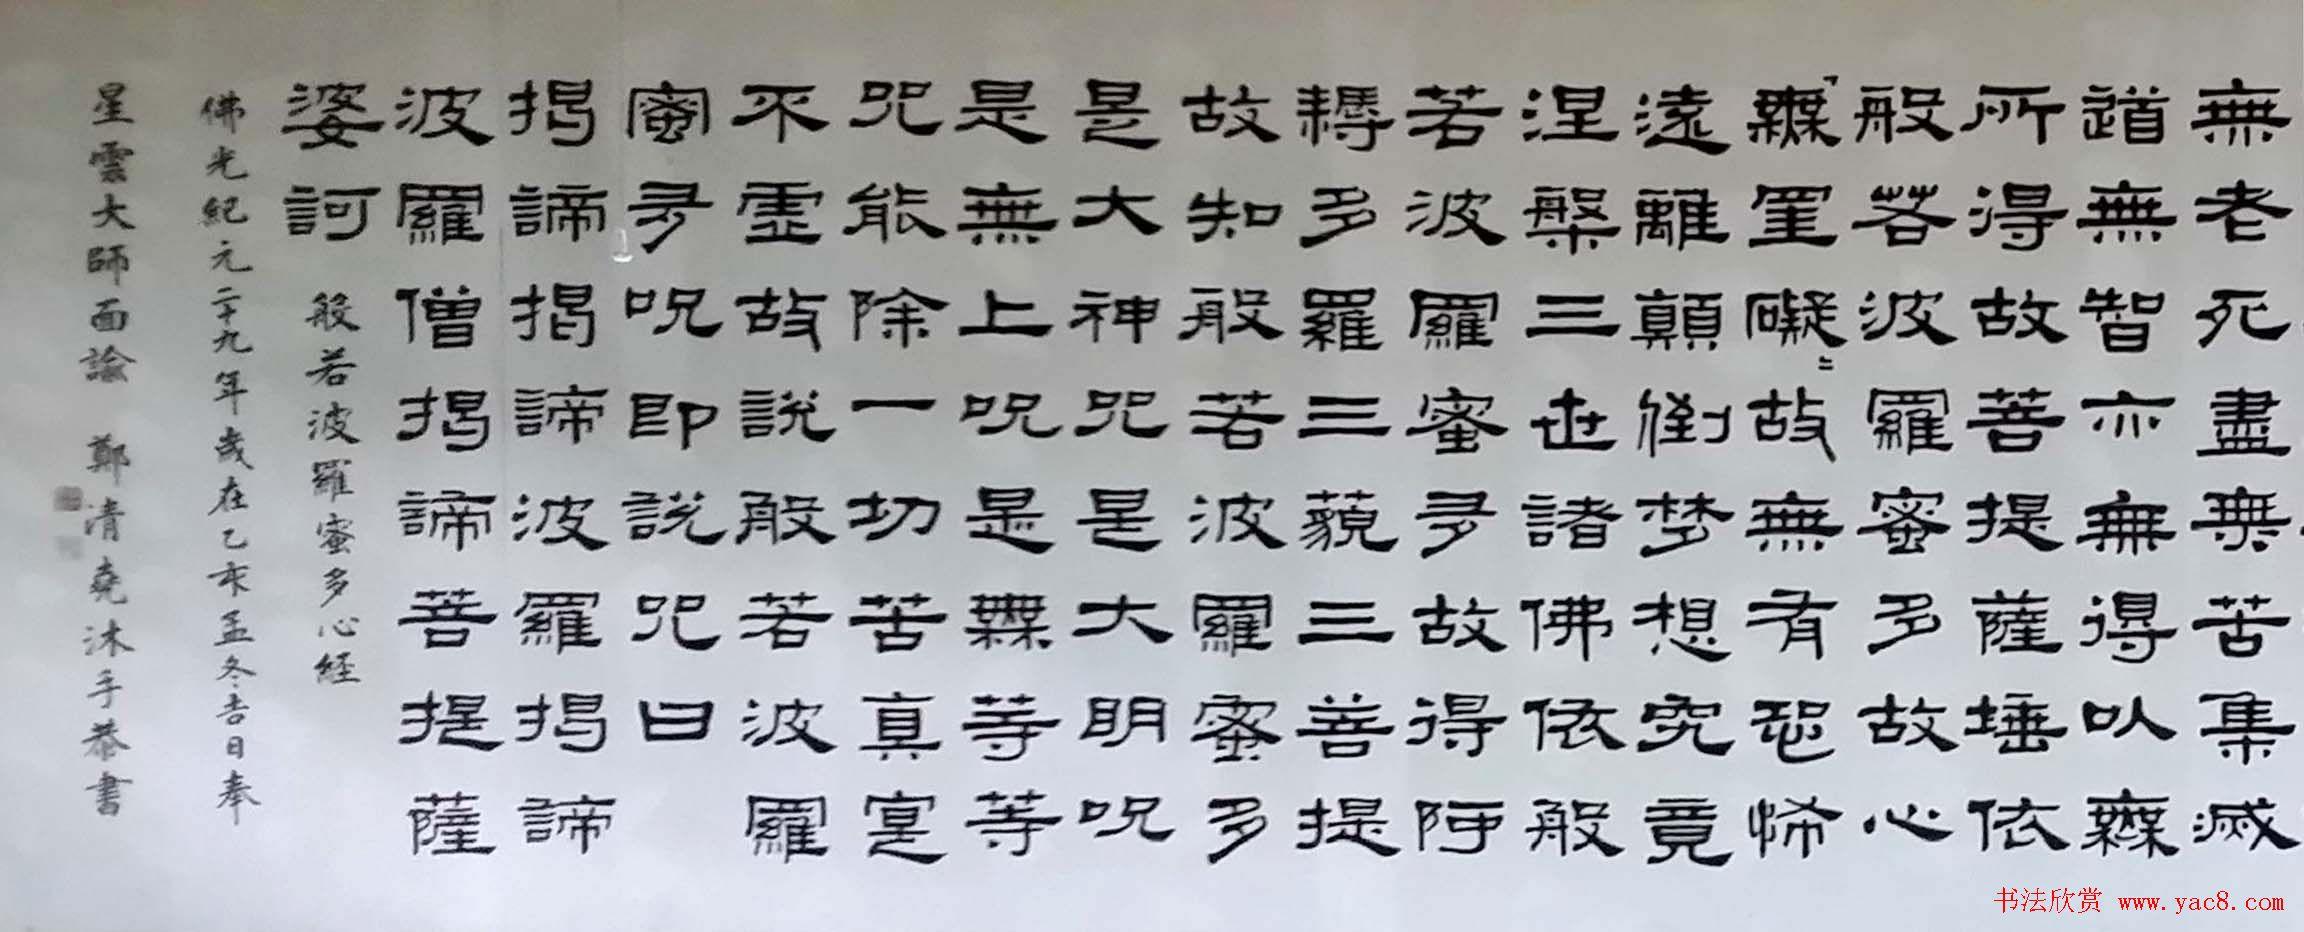 台湾高雄佛光山佛陀纪念馆隶书《心经》